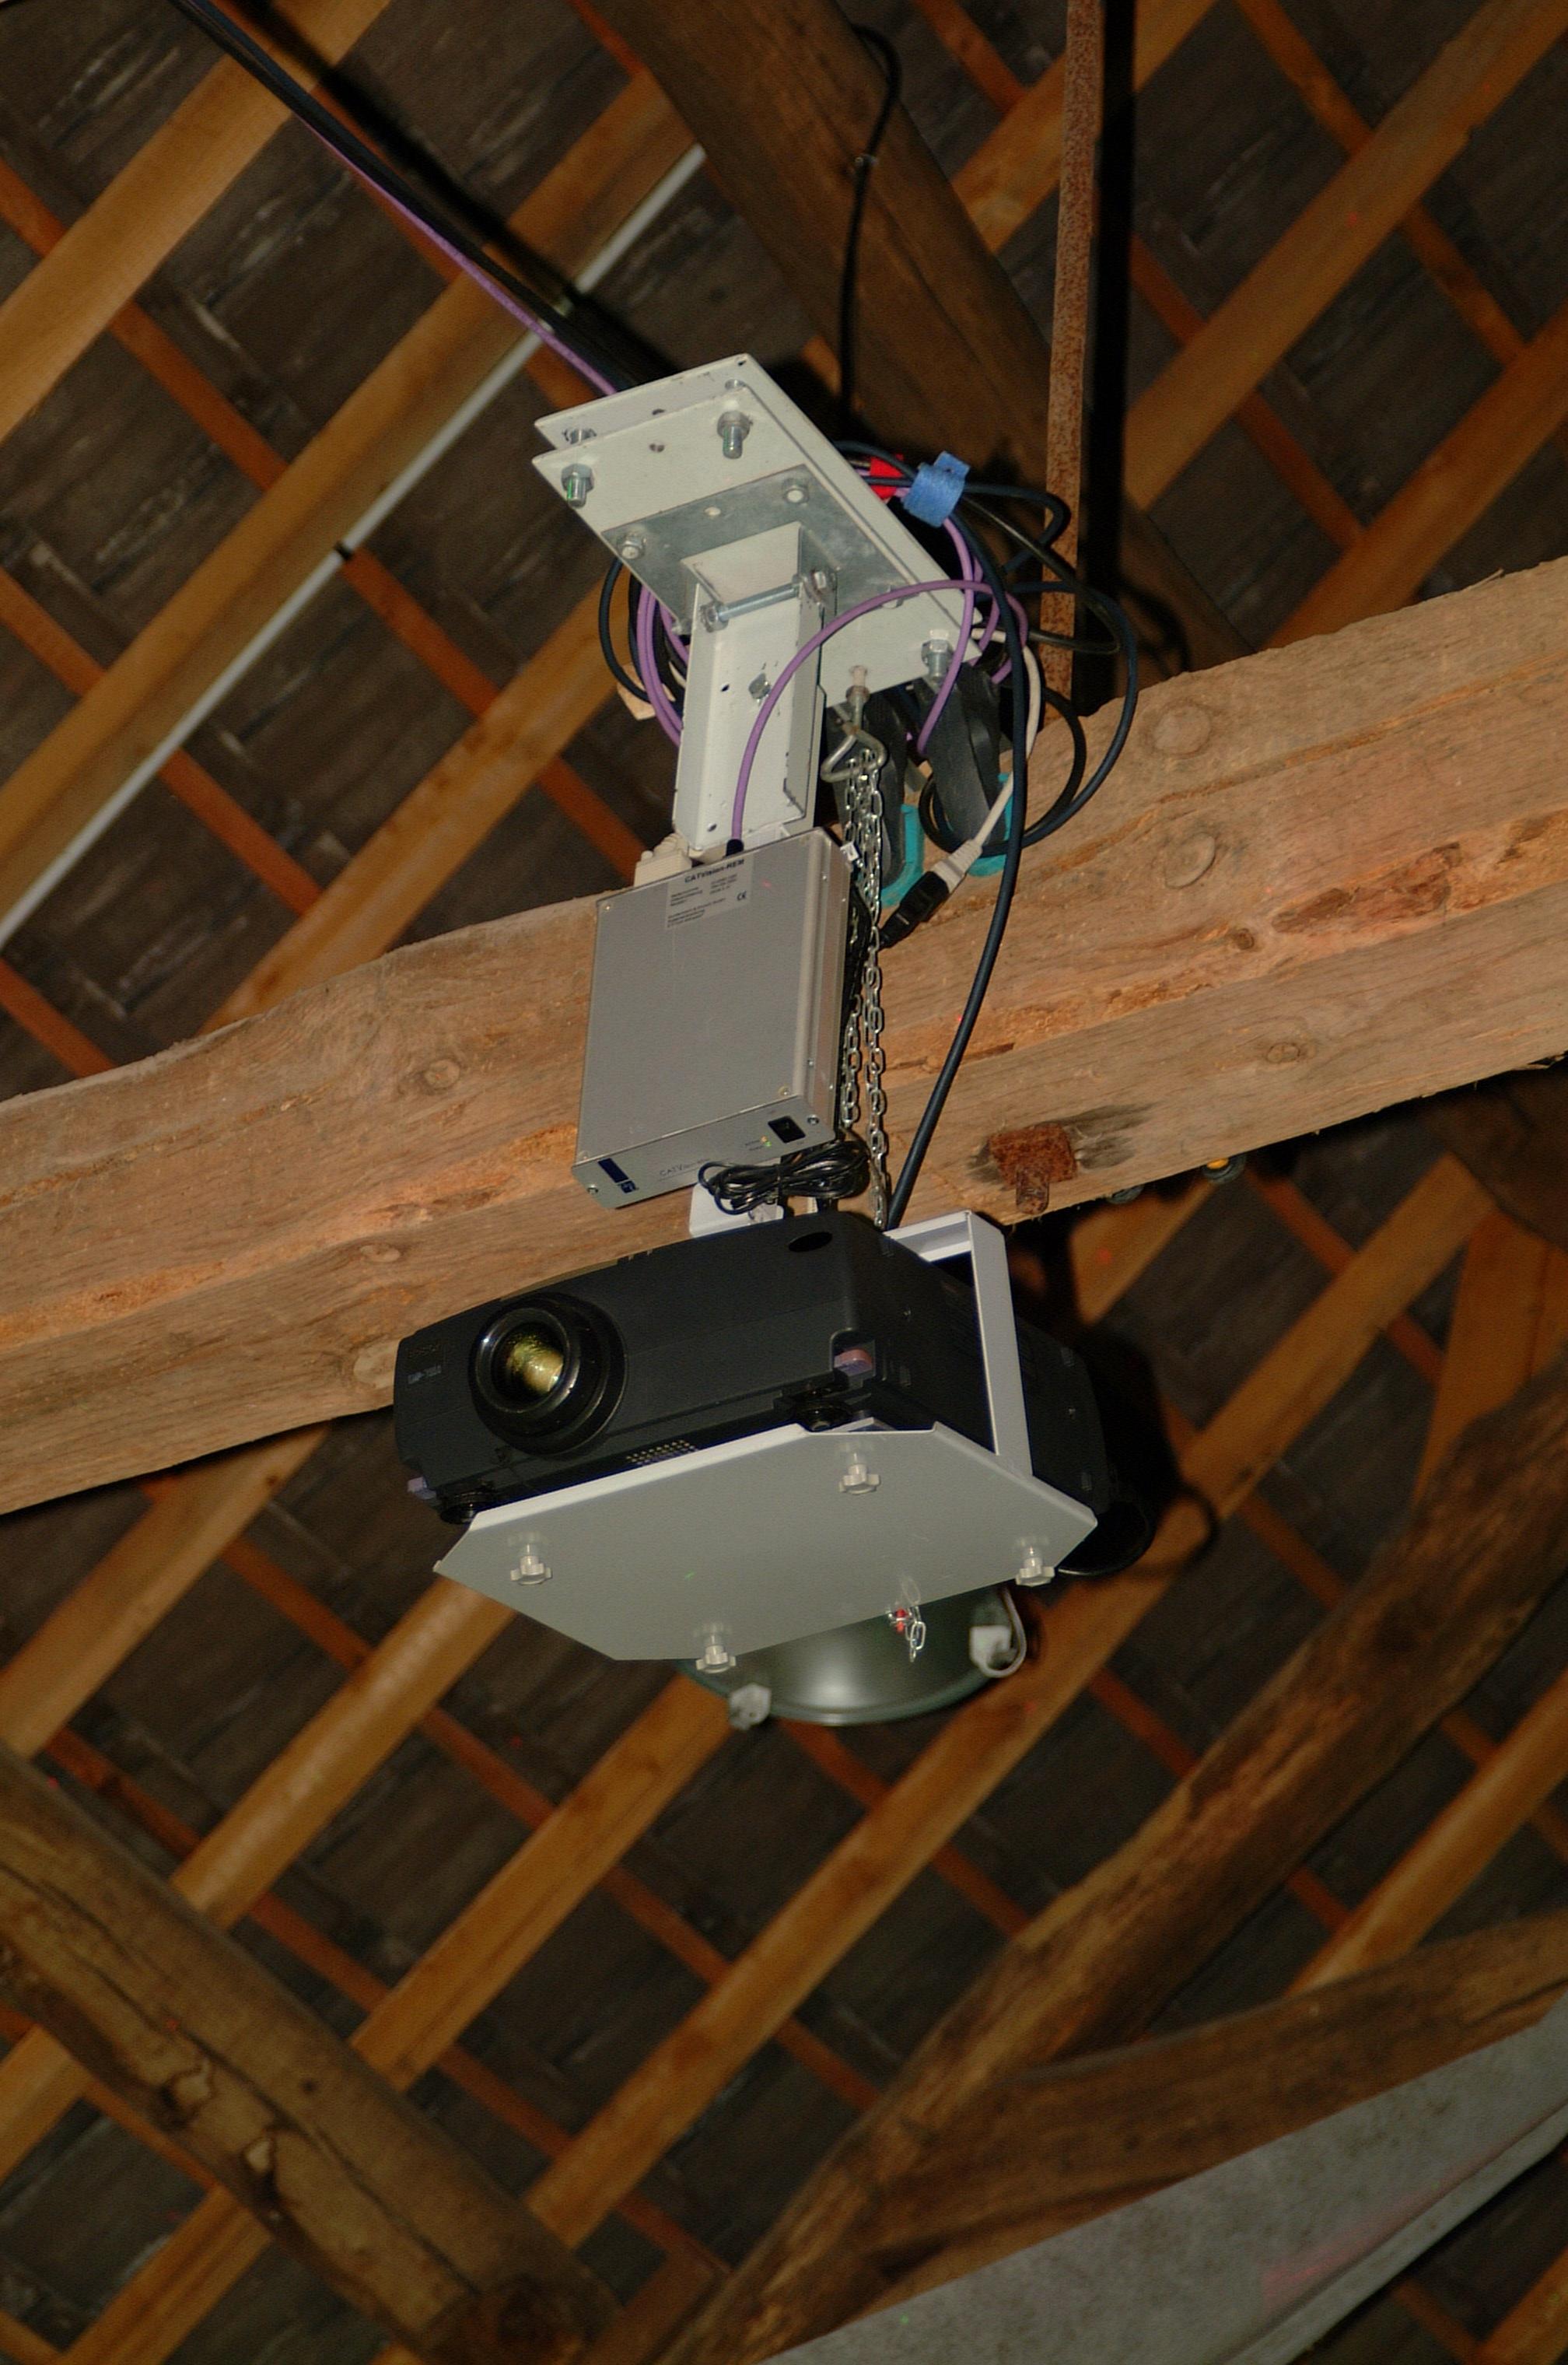 Projecteur suspendu sur potence